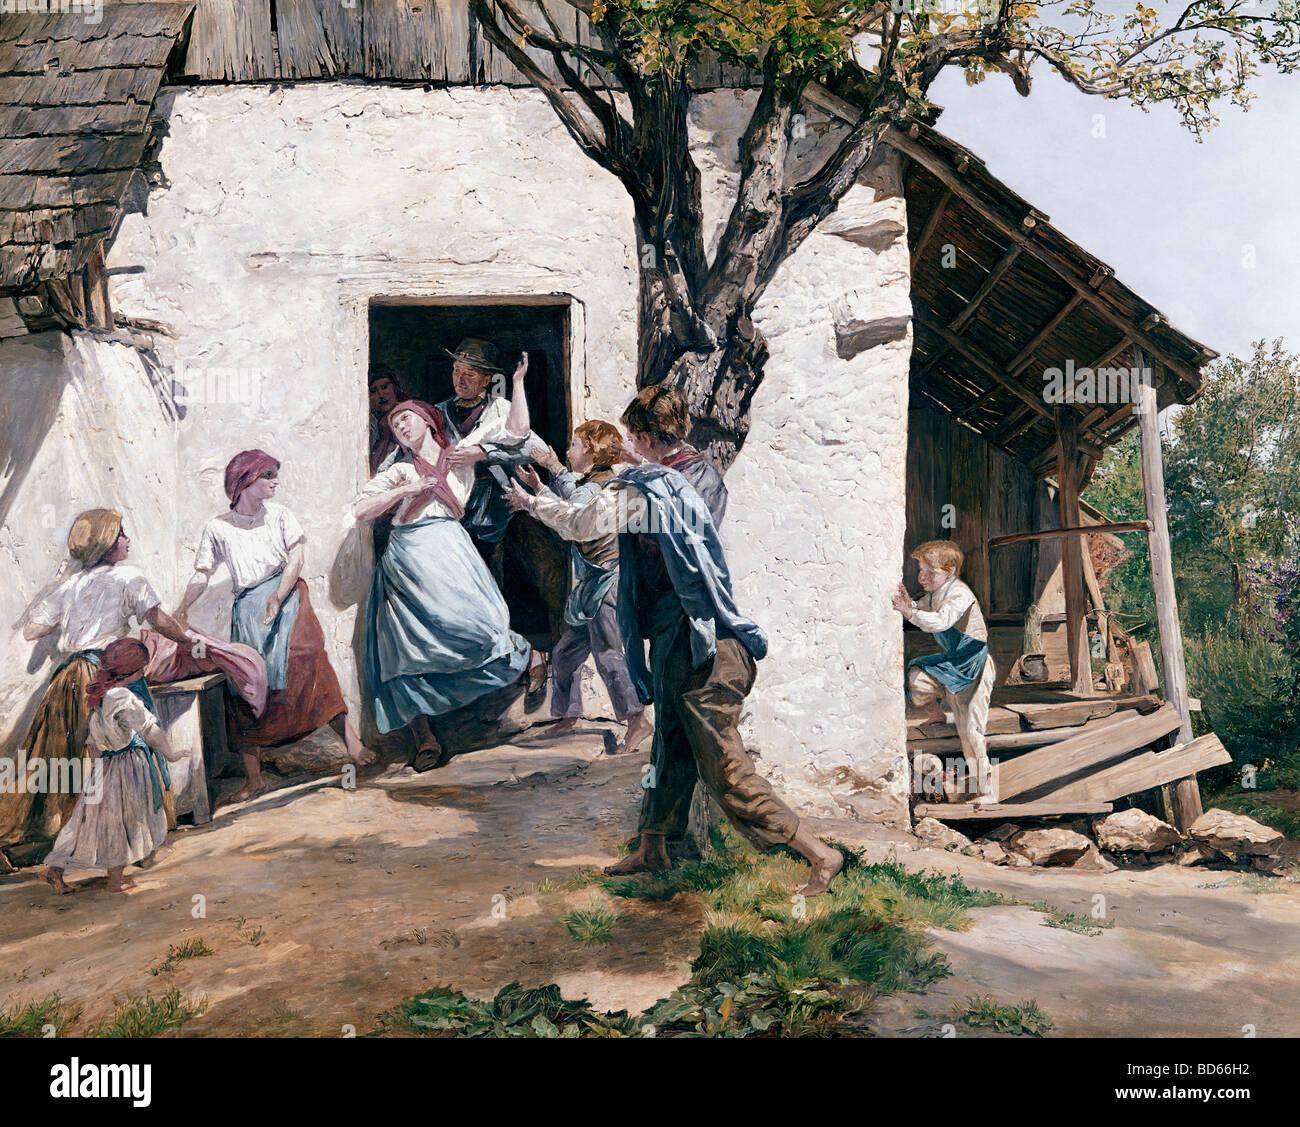 fine arts, Waldmueller, Ferdinand Georg (1793 - 1865), painting 'Neues Leben' (New Life), von der Heydt - Stock Image